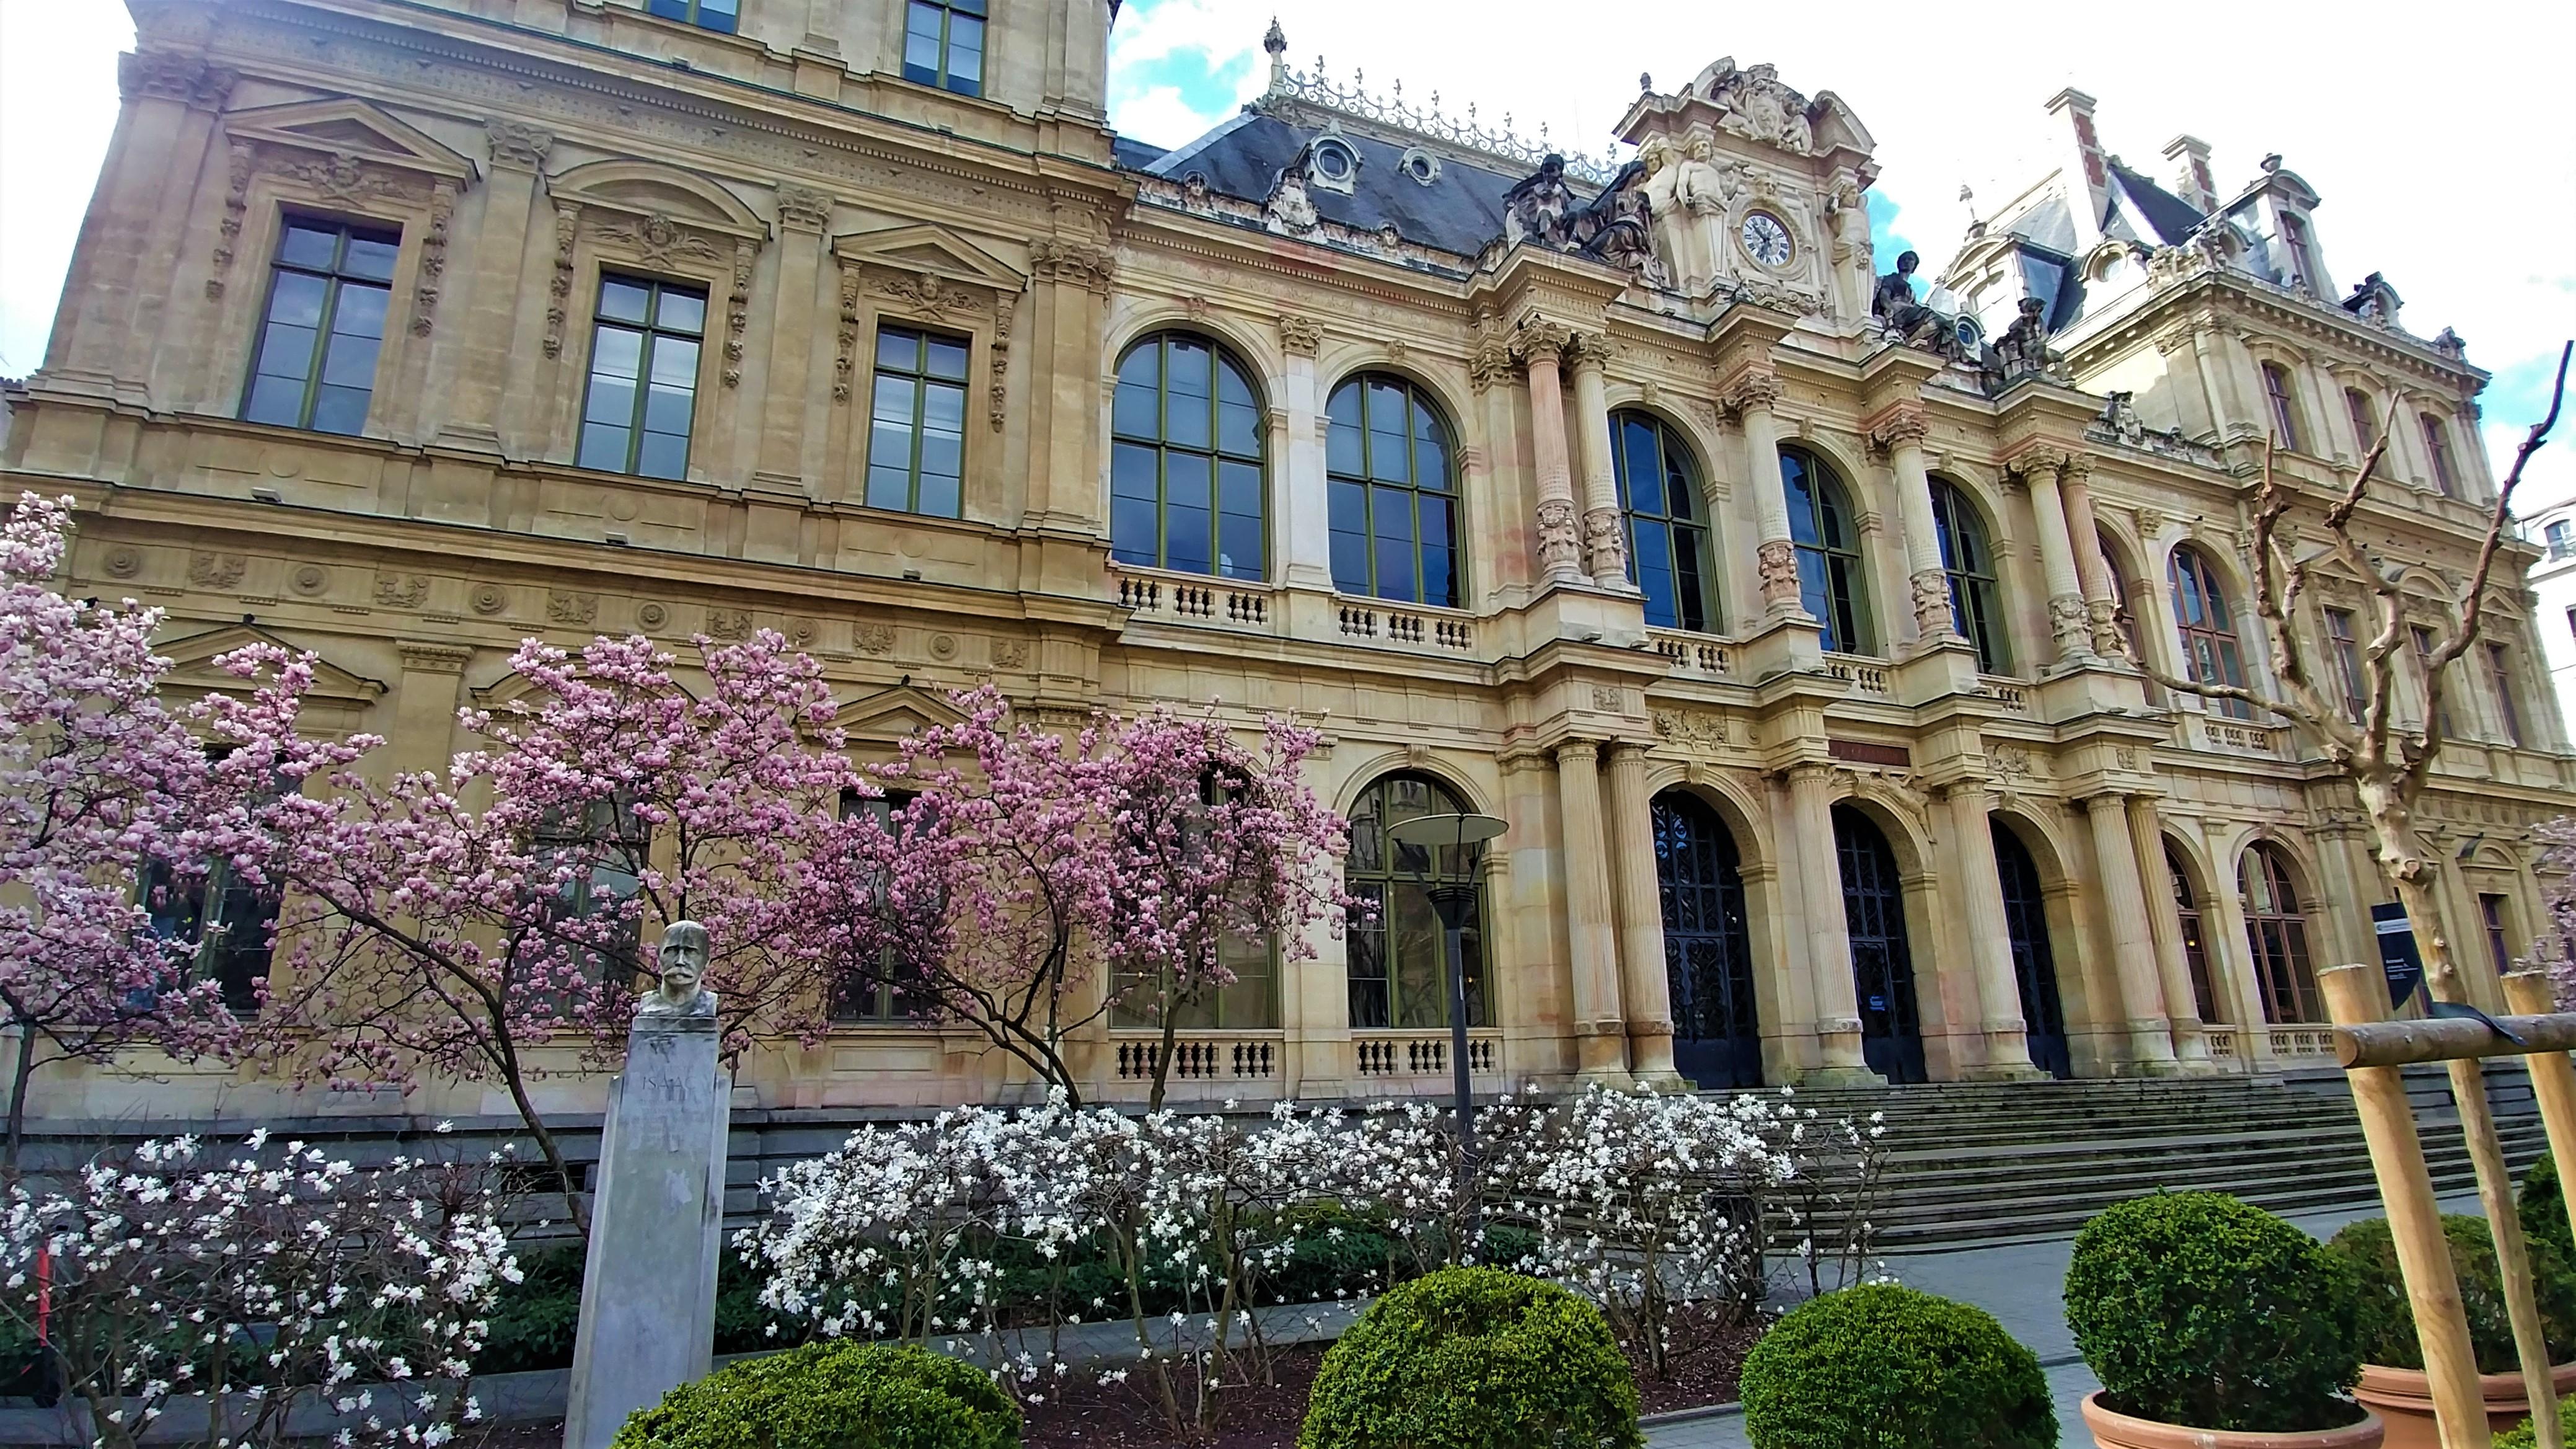 place bourse lyon magnolias fleurs rue neuve rue gentil lyon 2 escapade blog voyage europe arpenter le chemin